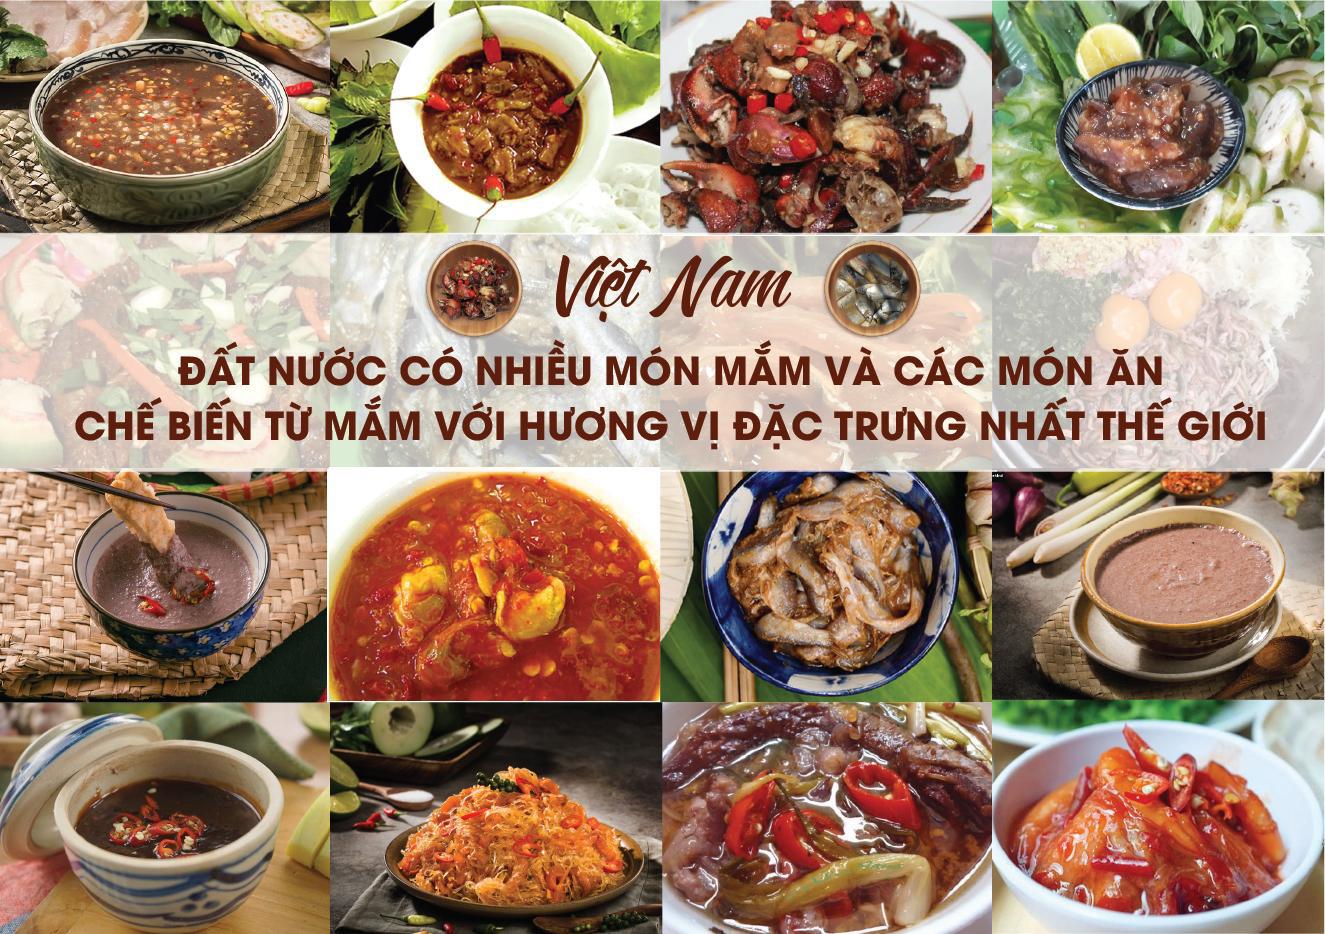 5 chữ nhất kỷ lục thế giới về ẩm thực mà Việt Nam vừa xác lập là những kỷ lục nào? - Ảnh 3.